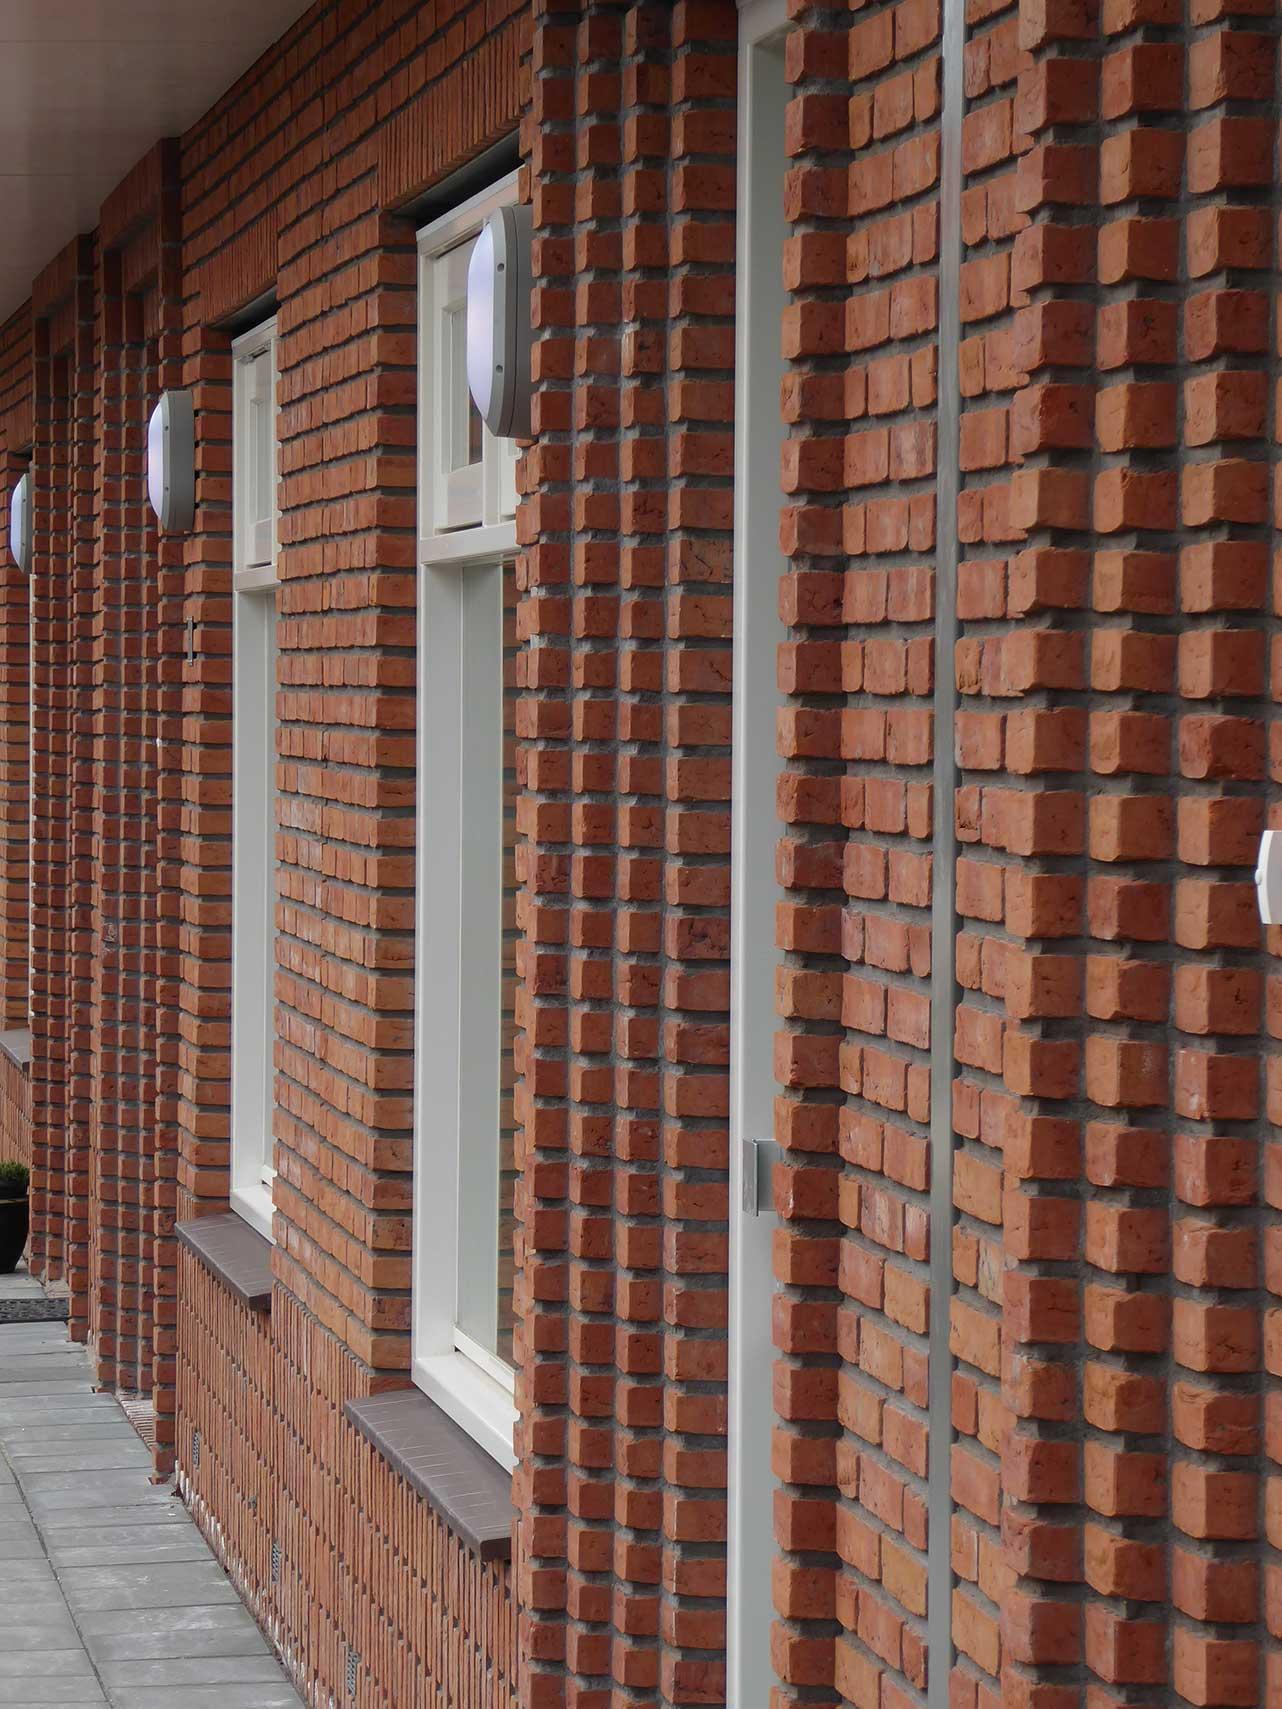 Havenbuurt Zaandam zicht op rij met voordeuren en ramen rond bijzonder metselwerk